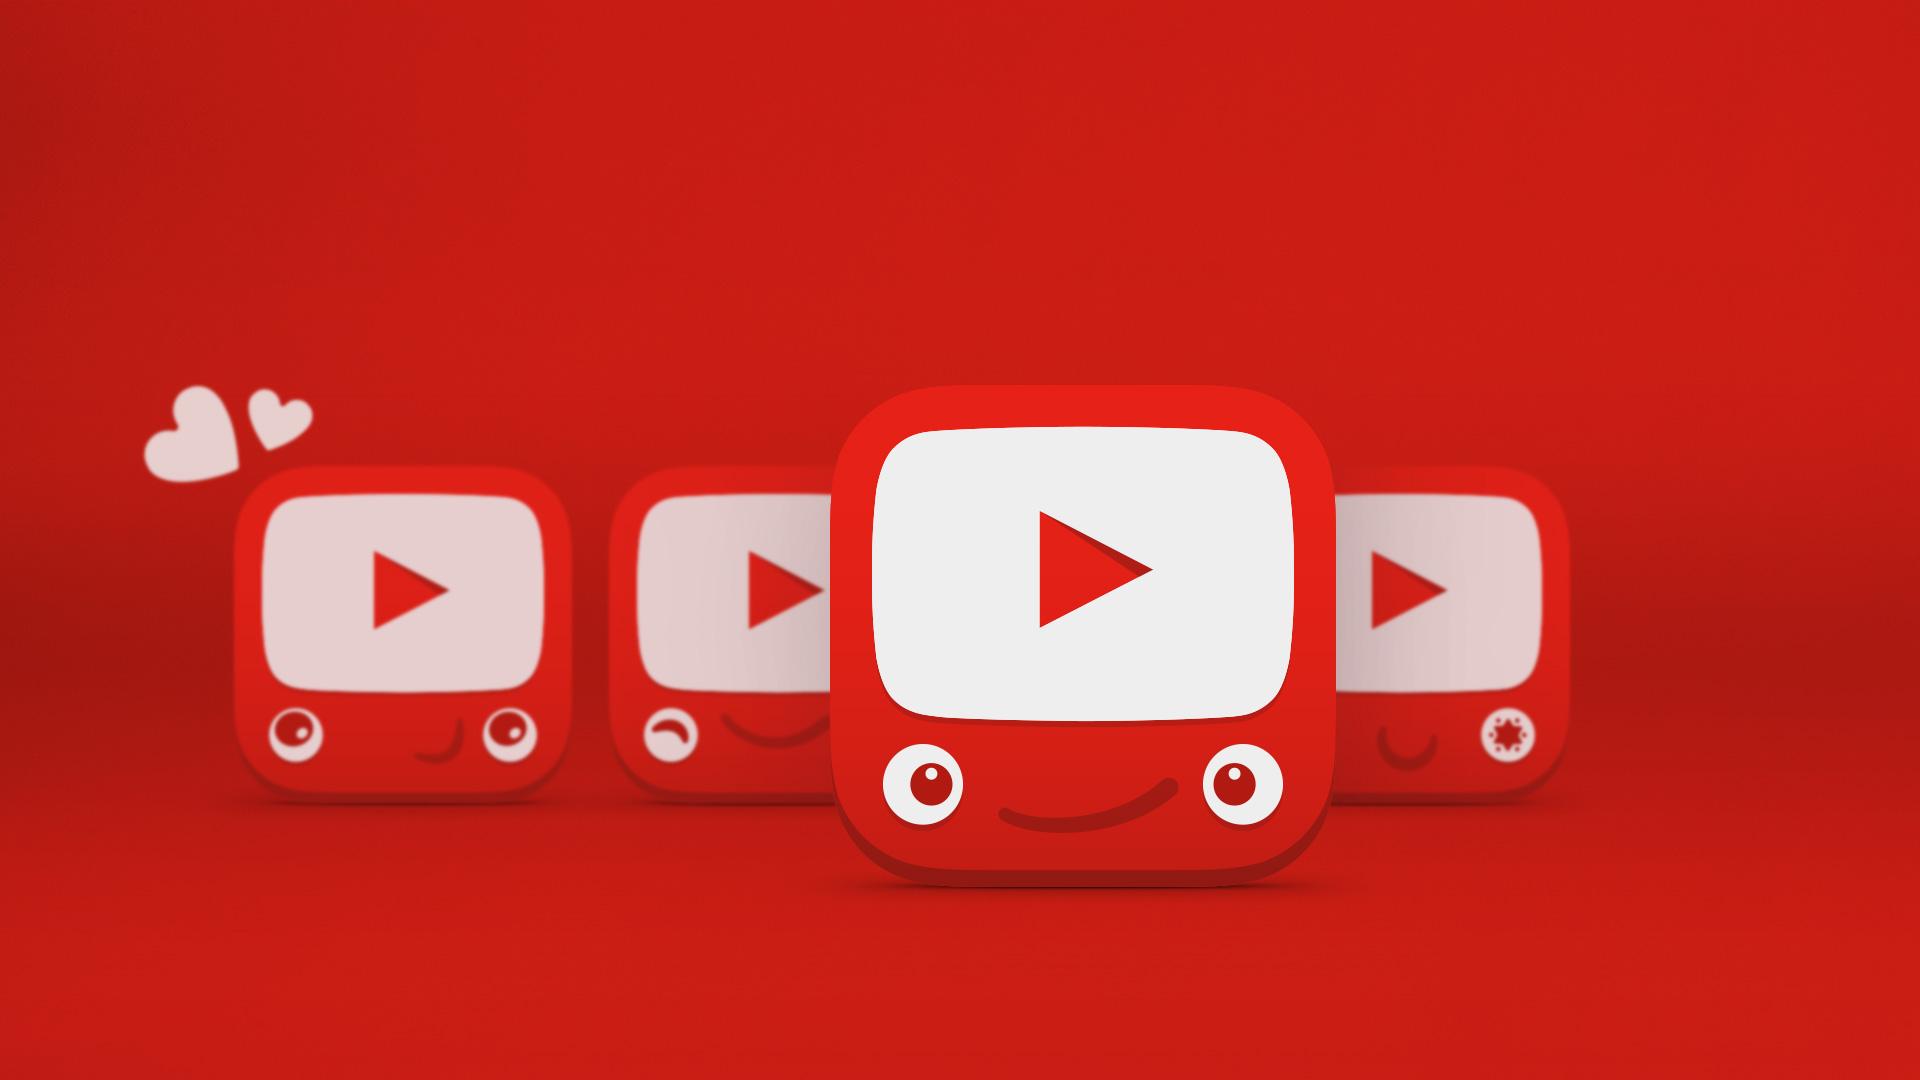 Иллюстрация на тему Самое первое видео на Ютубе: как его снять, чтобы всем понравилось